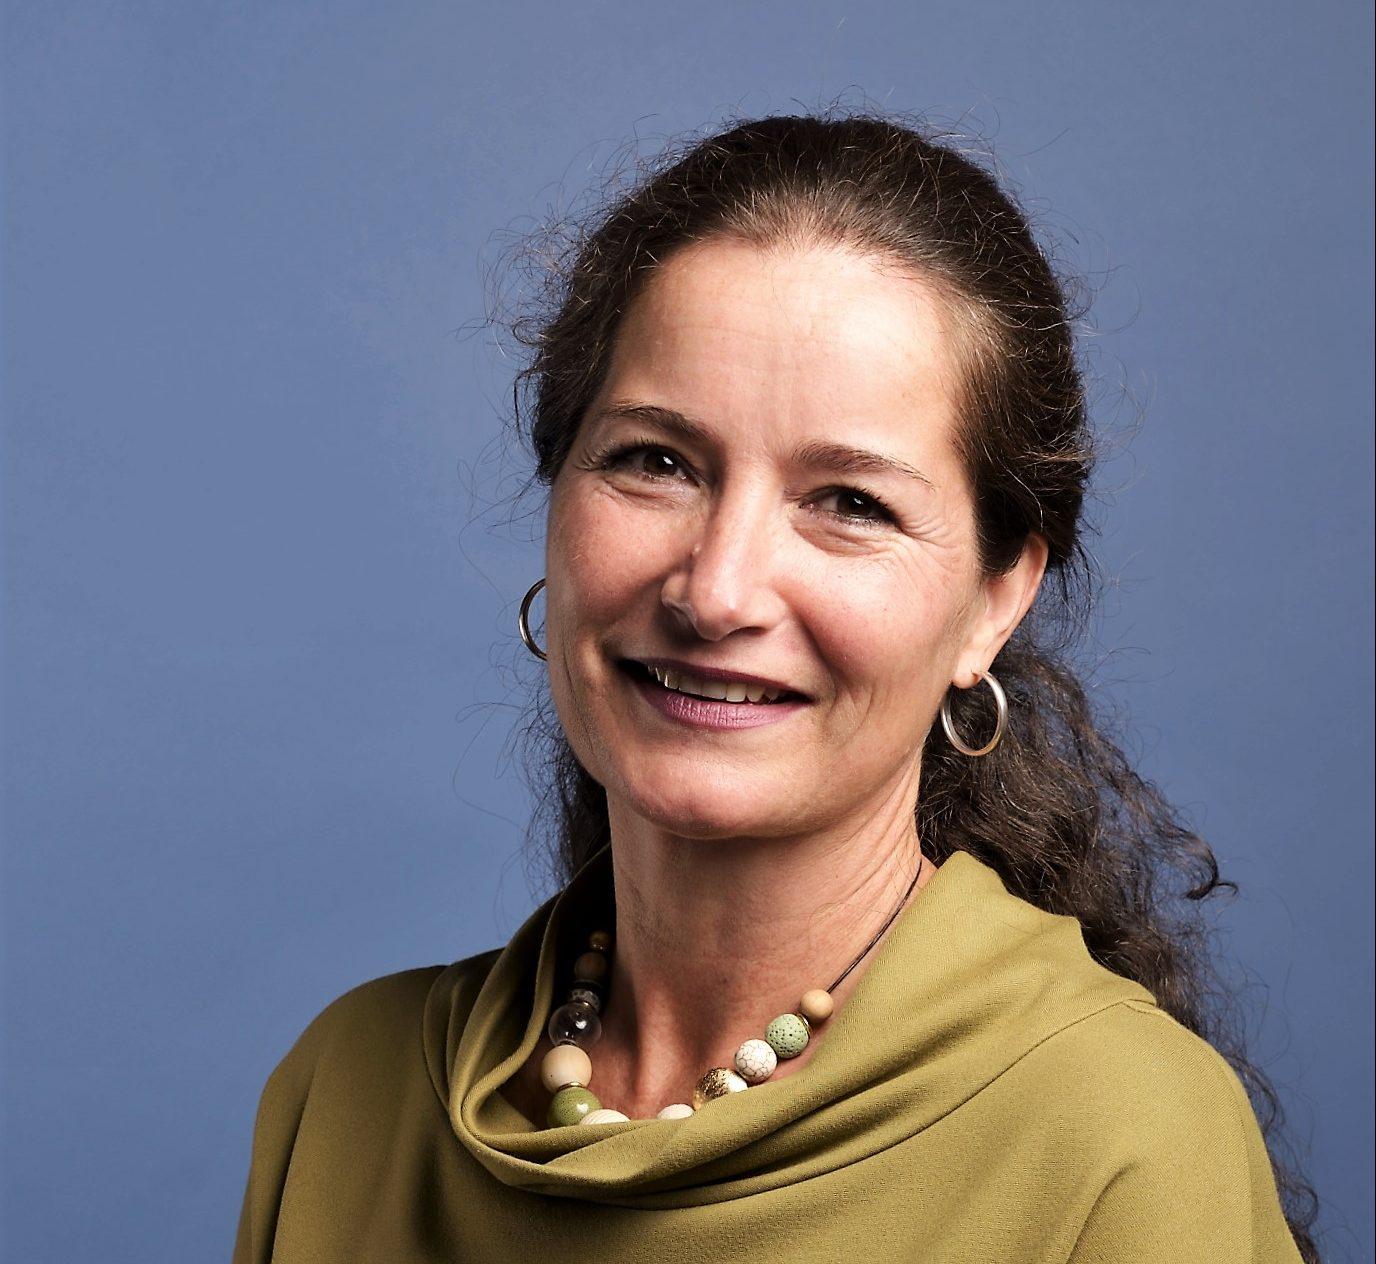 Renate-Schreiber-headshot